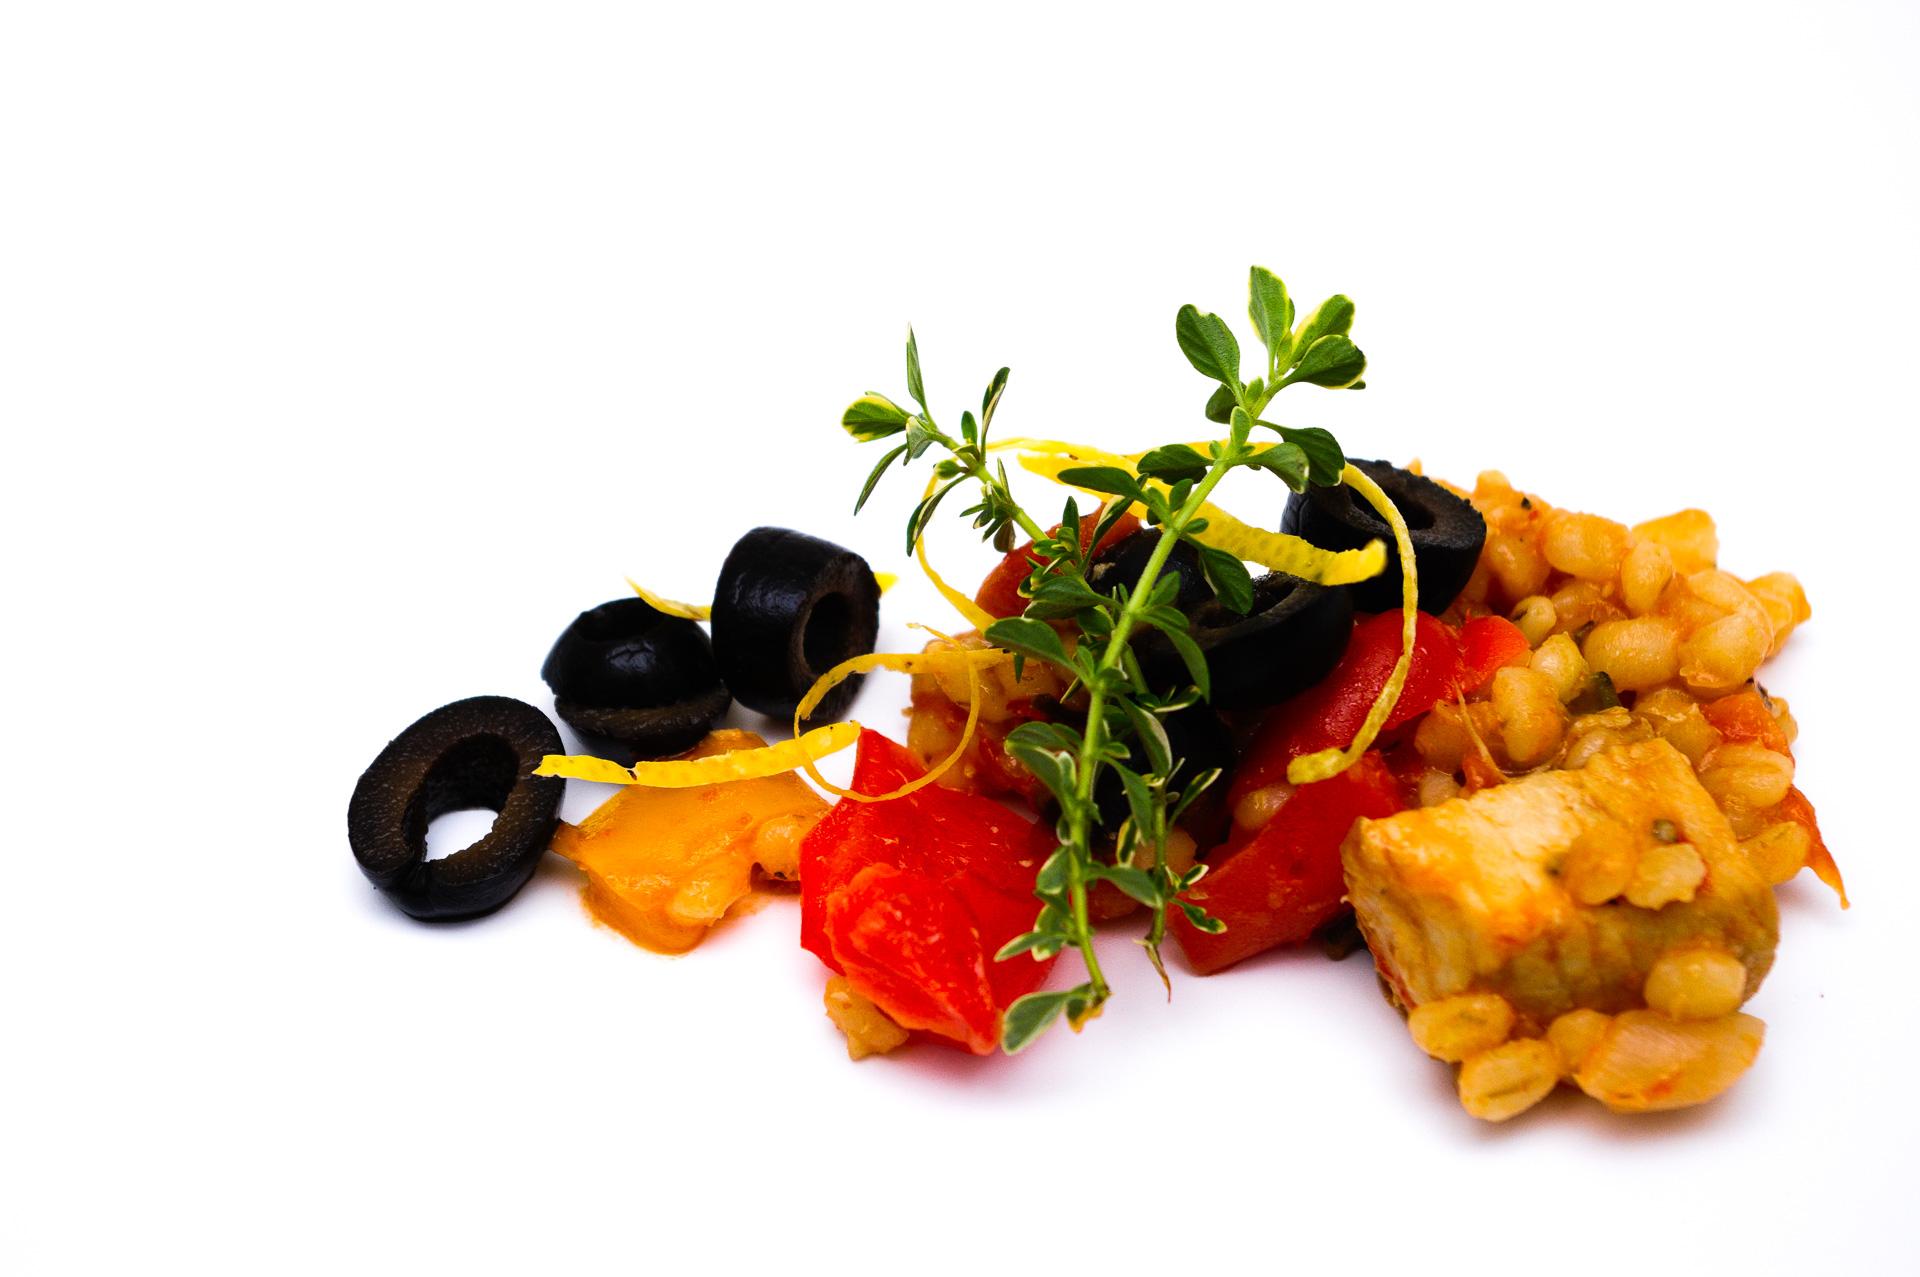 Poulet aux olives - À plats ventes - Plats cuisinés